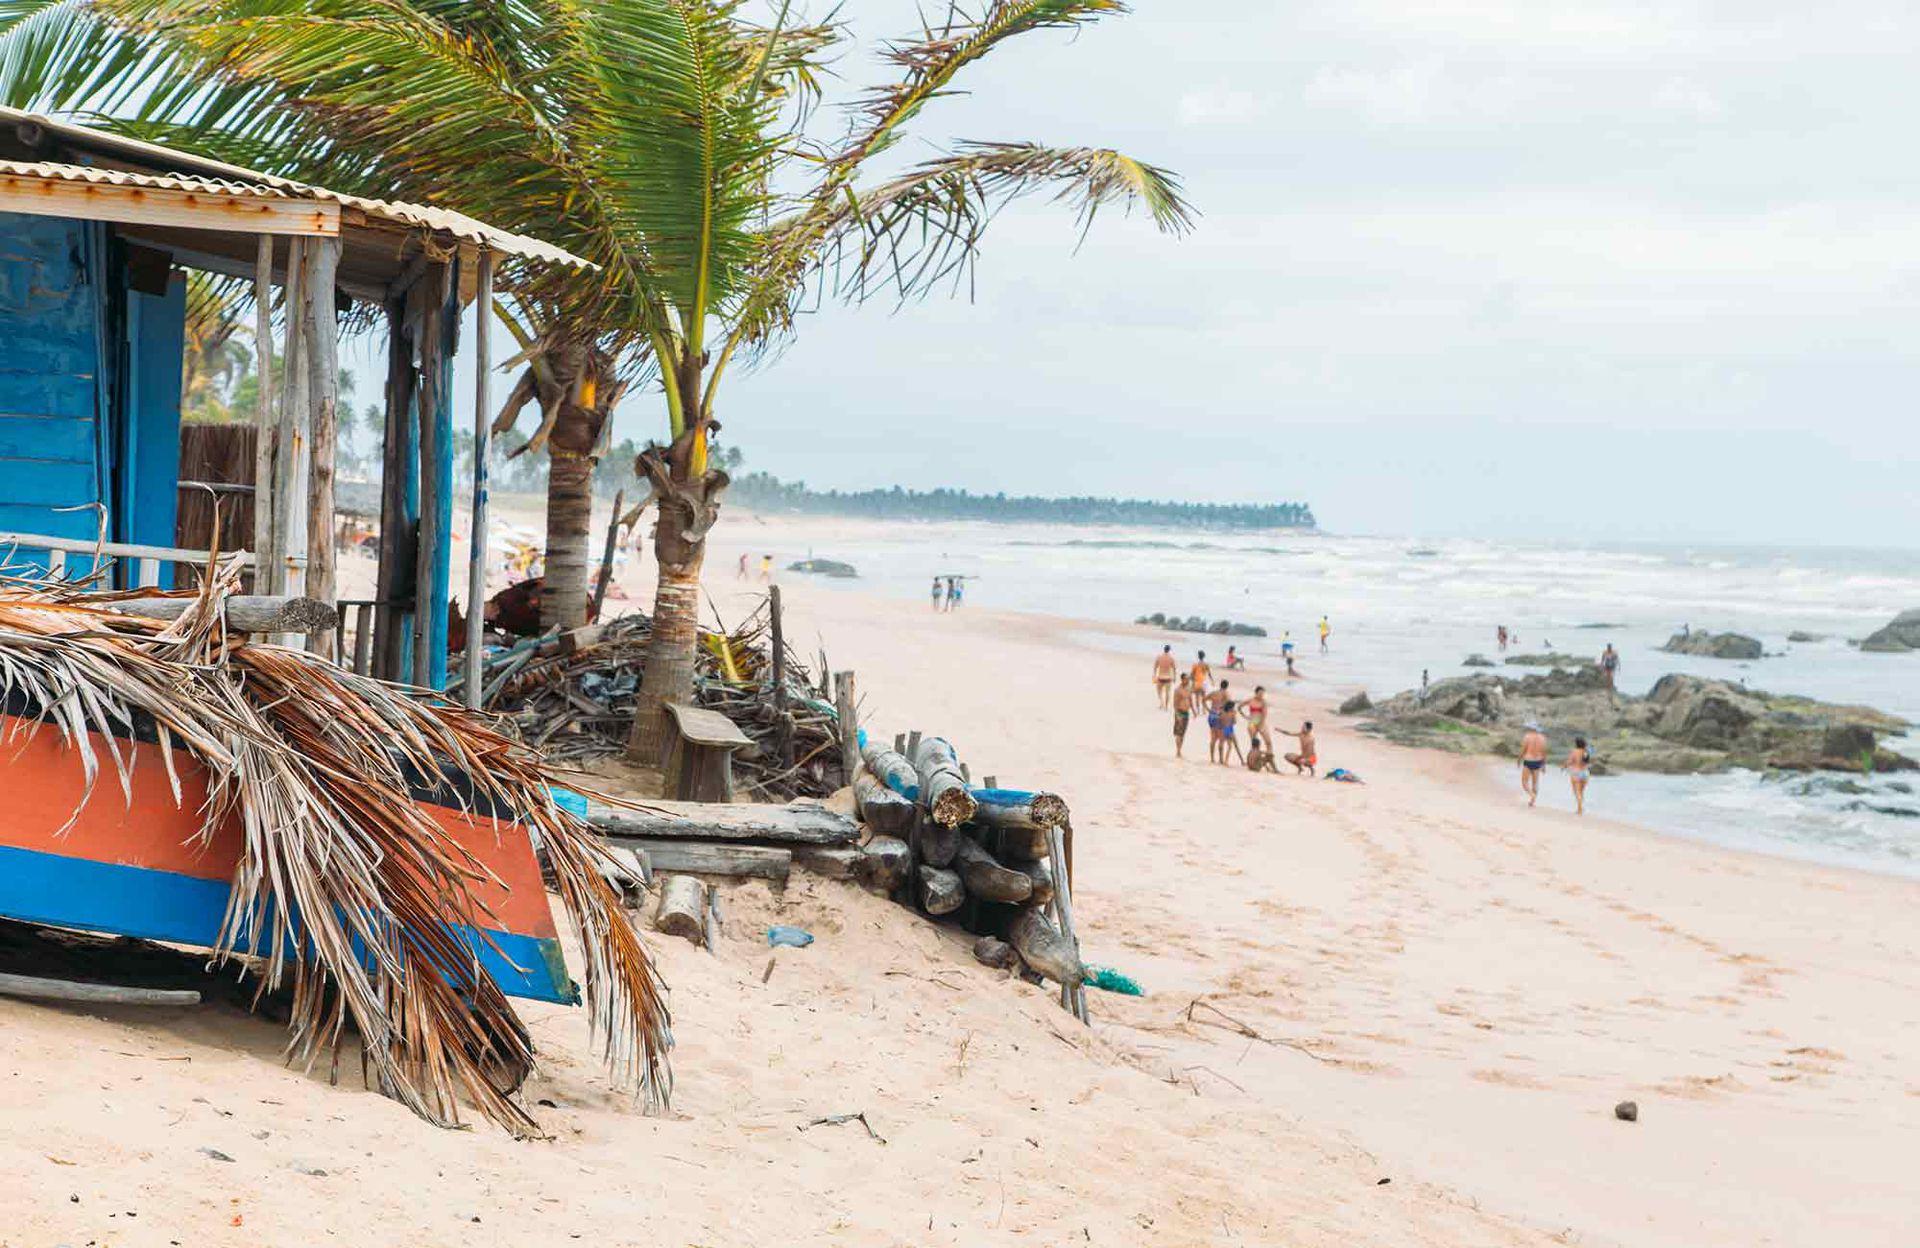 Las playa de Santo Antonio en el estado de Bahía, al norte de Brasil.